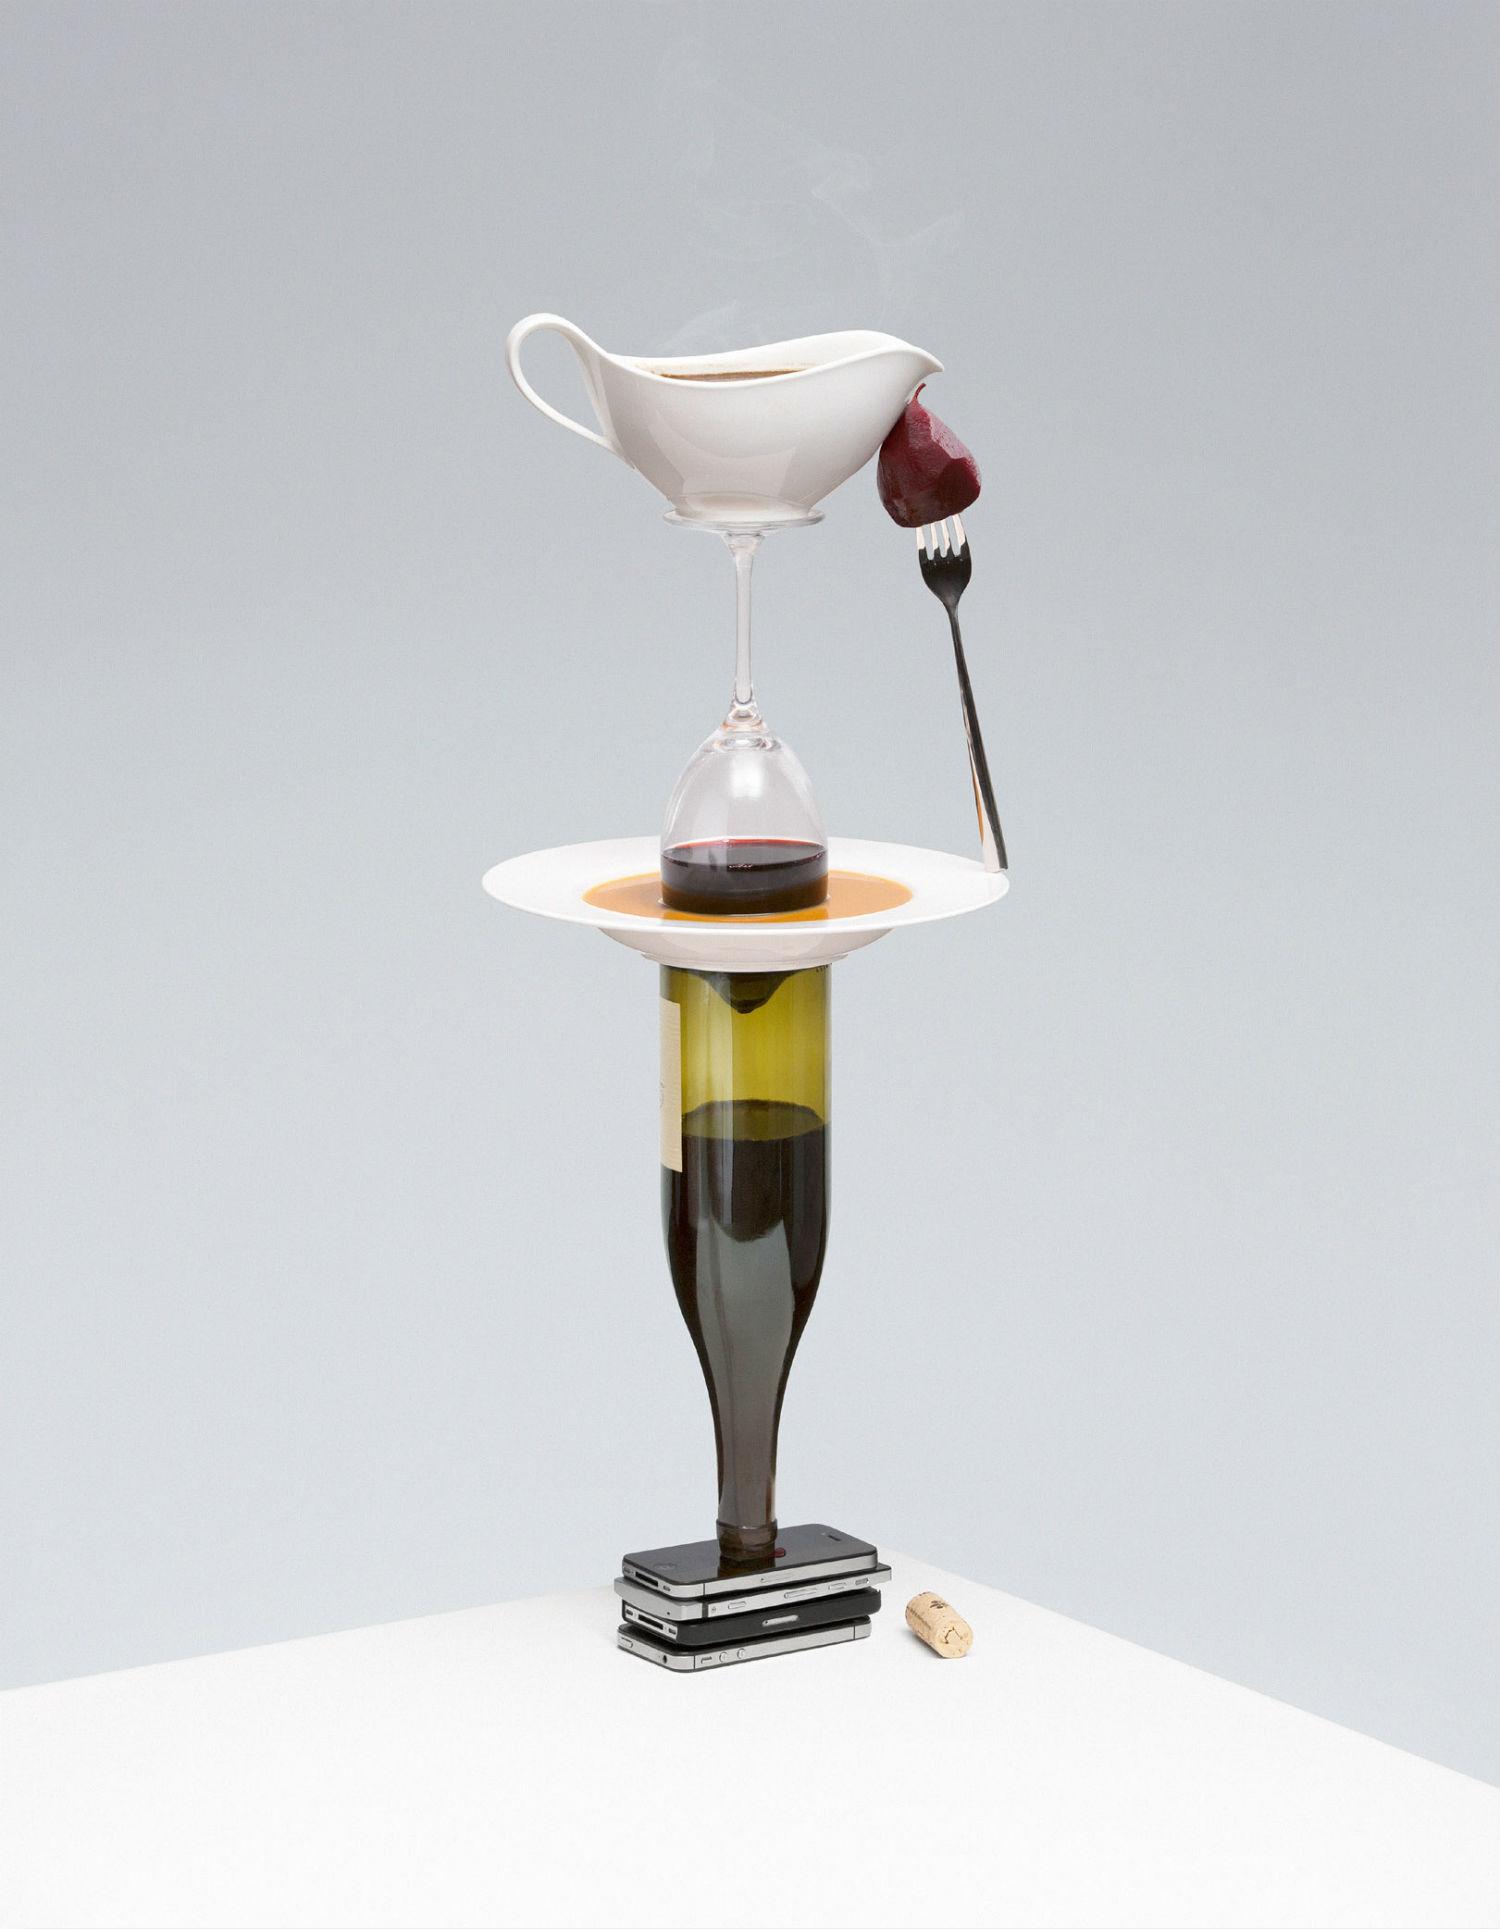 lernert and sander design dutch illusion food drink colour surreal wine